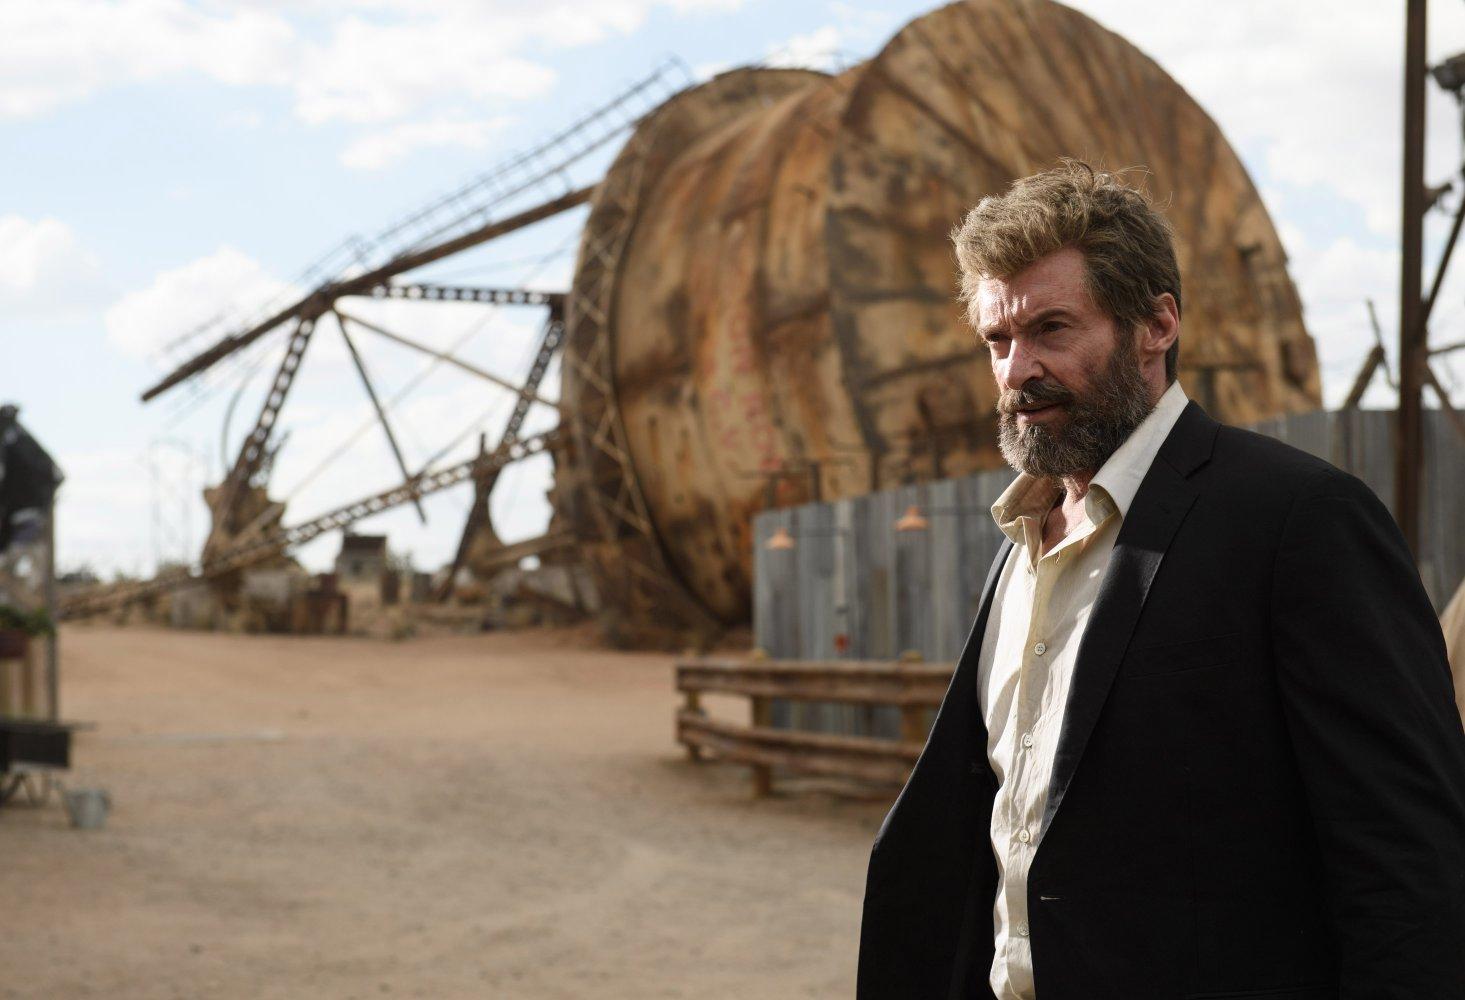 Logan - Kiệt tác mới của dòng phim siêu anh hùng - Ảnh 3.